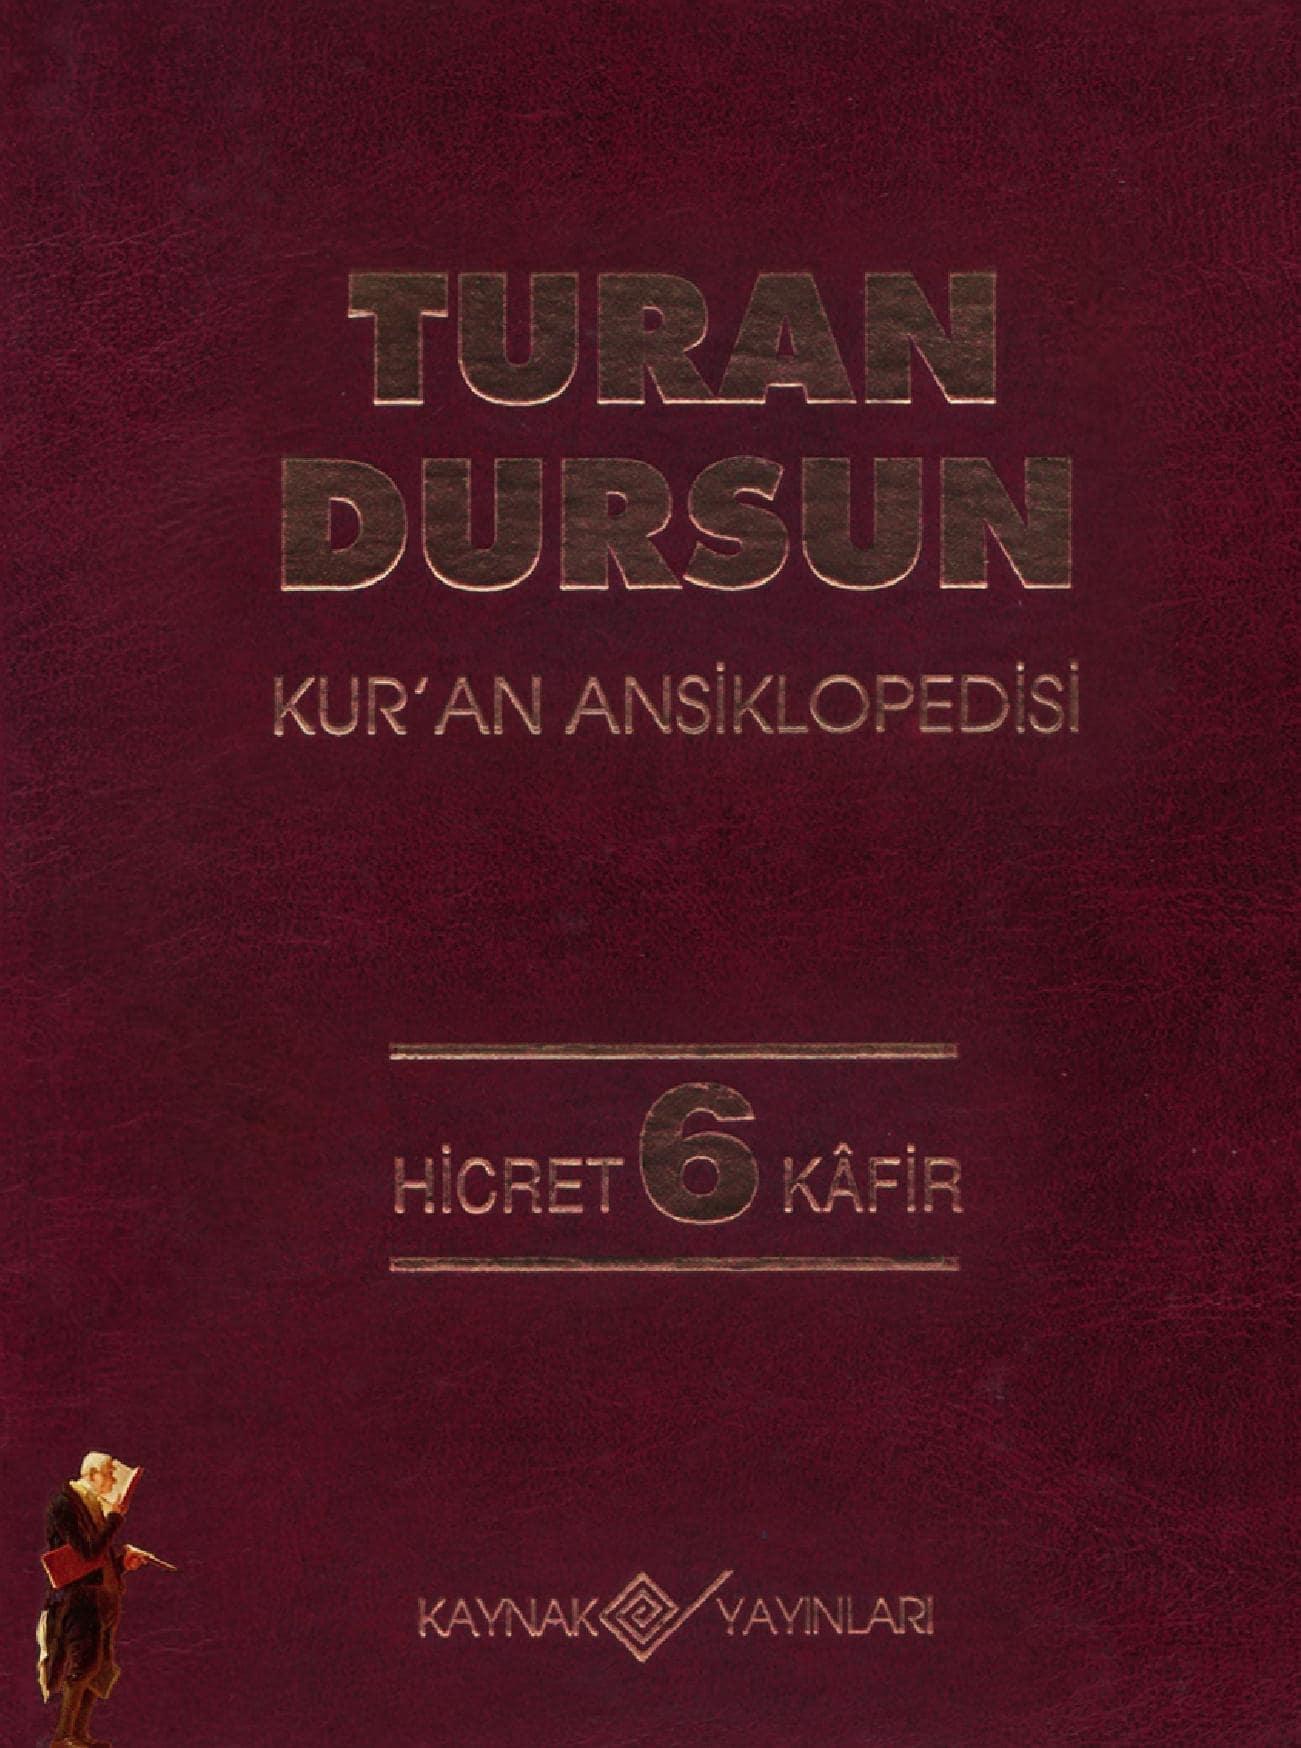 Turan Dursun. Kur'an Ansiklopedisi. 6. Cilt: Hicret-Kâfir (1994)